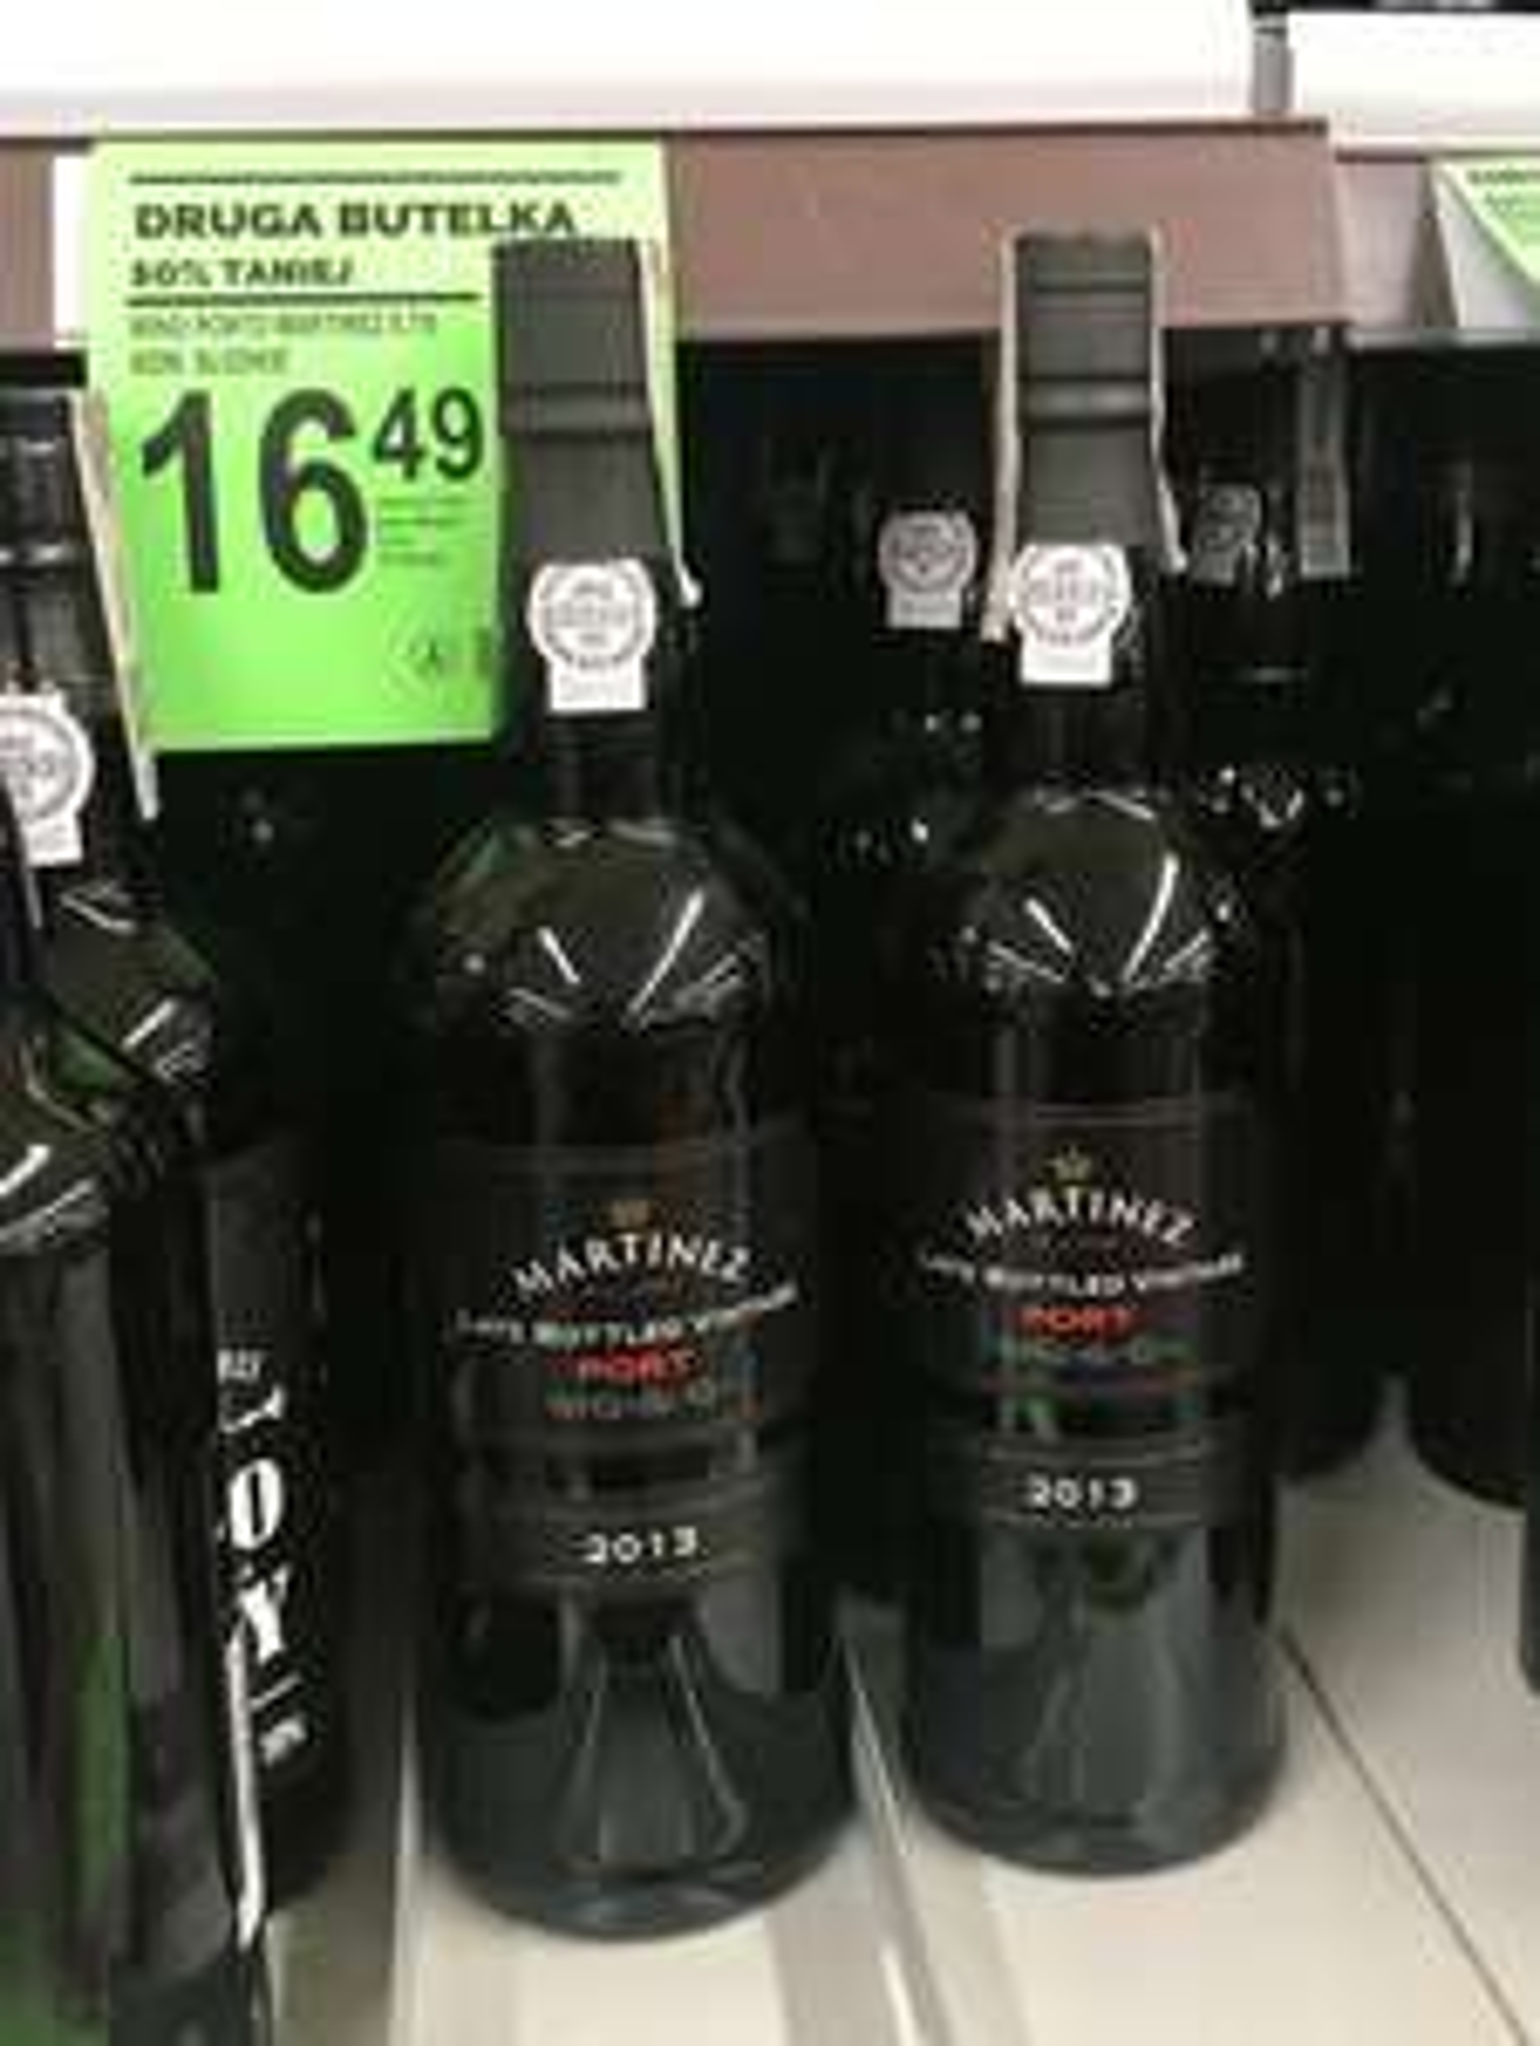 Błąd cenowy wino Porto Martinez @Biedronka?